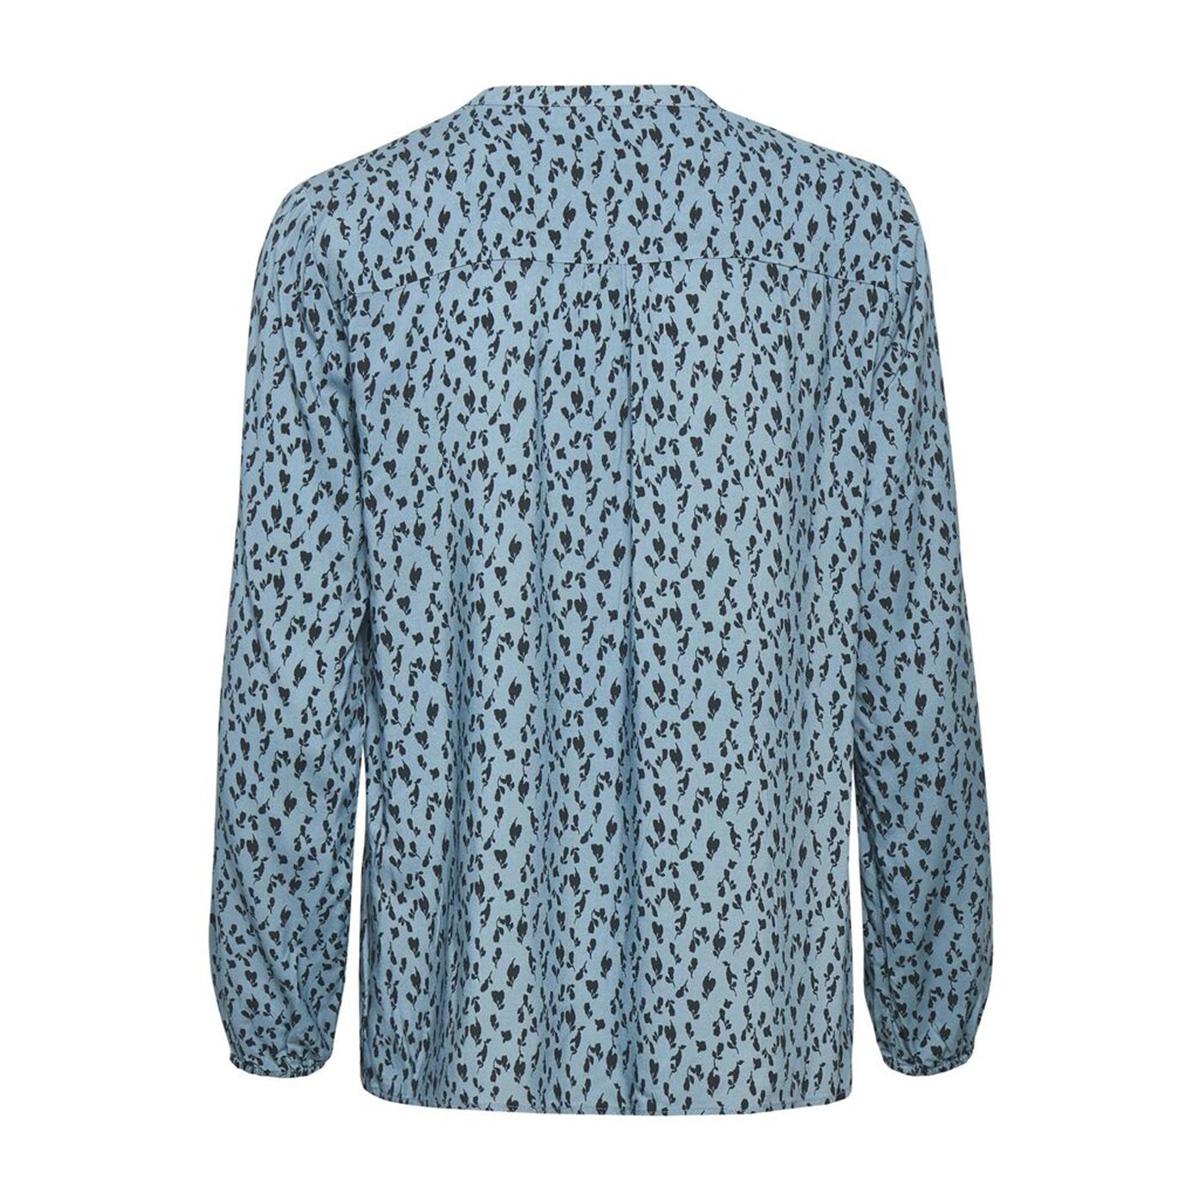 woven shirt ls 30501393 u1072 saint tropez blouse 17 4412